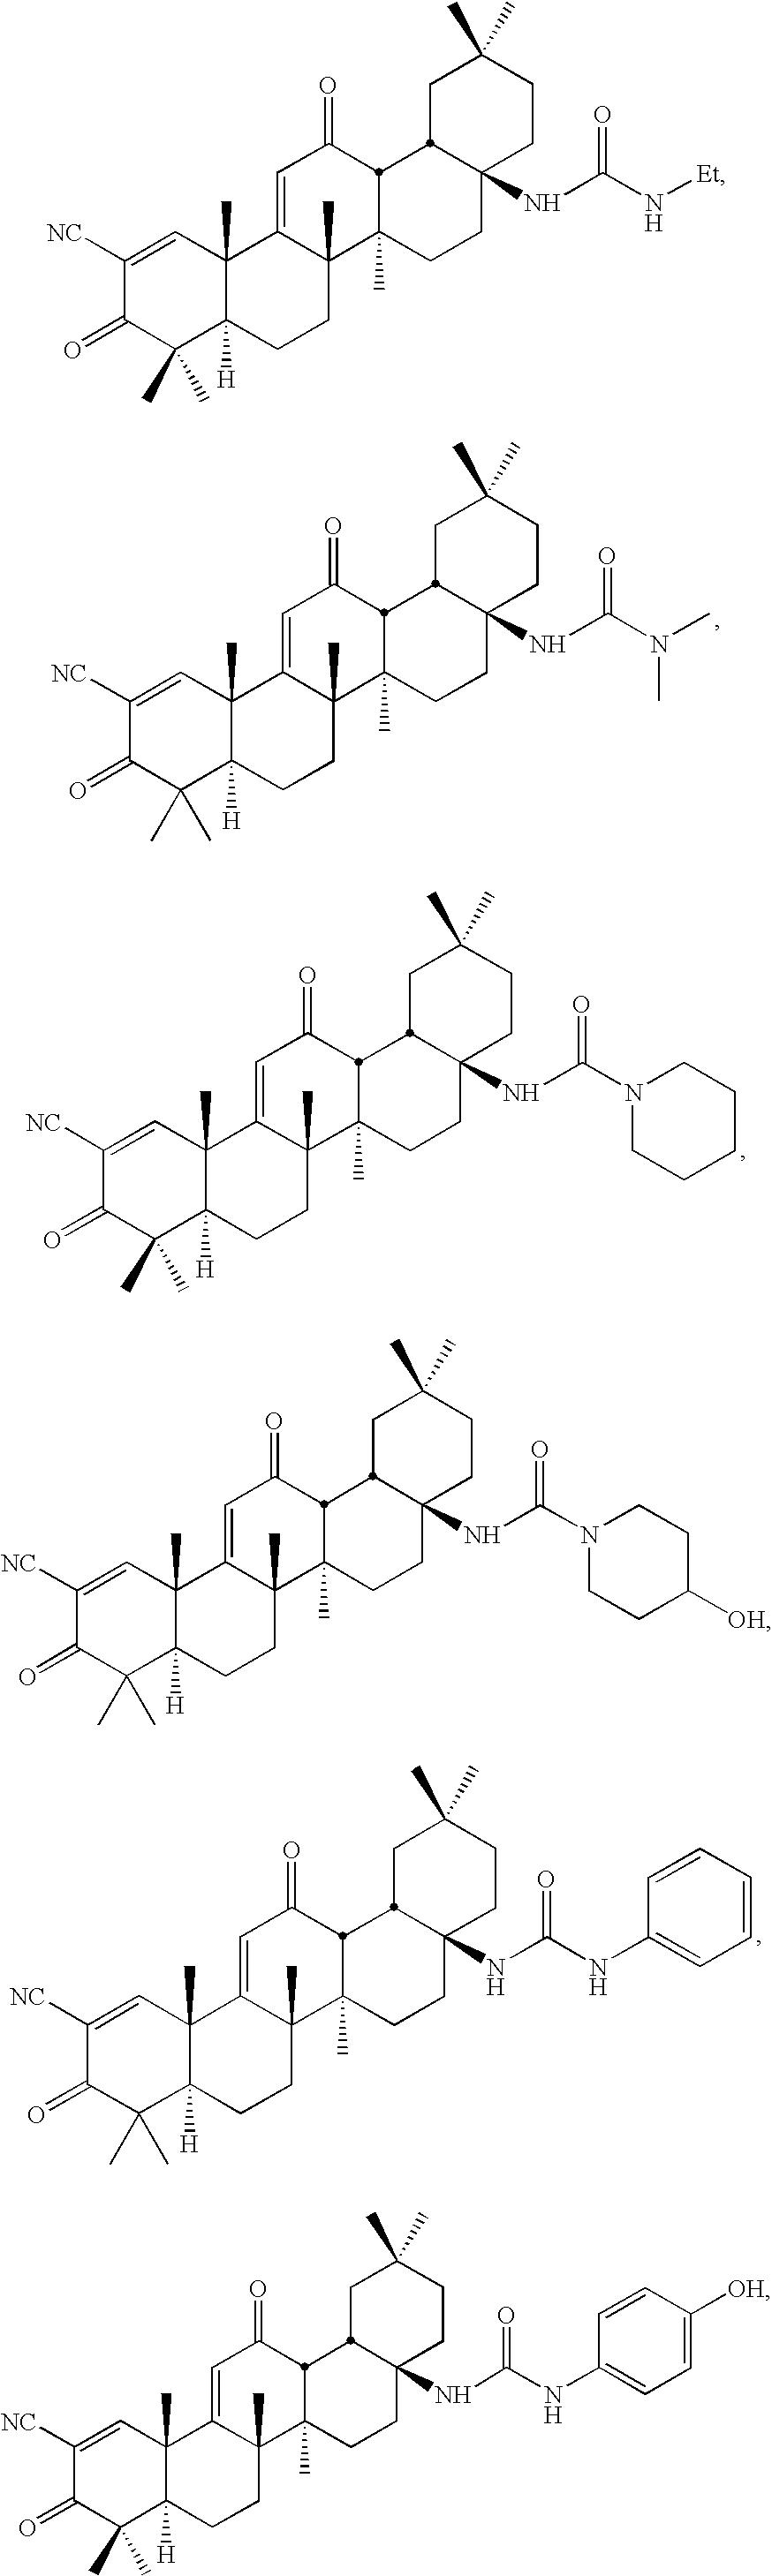 Figure US20100048892A1-20100225-C00084